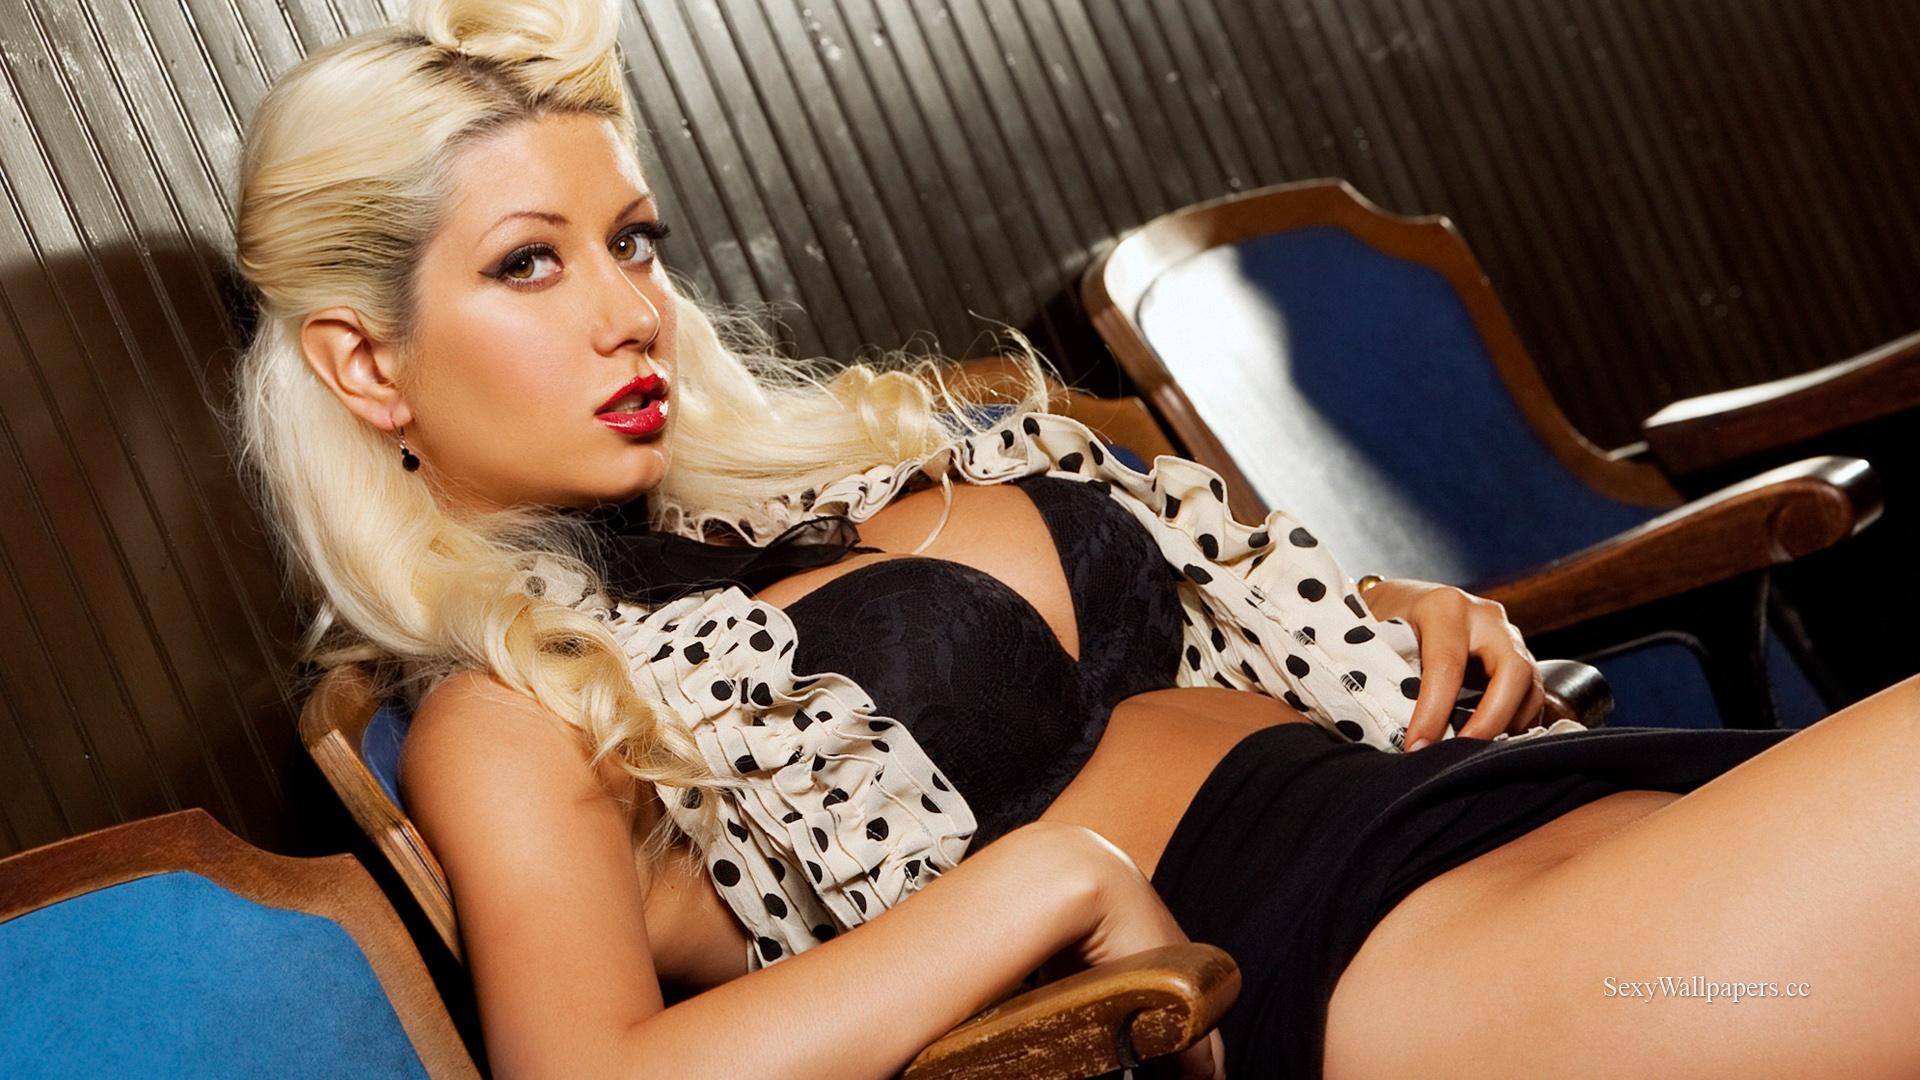 Фото развратной блондинки 12 фотография